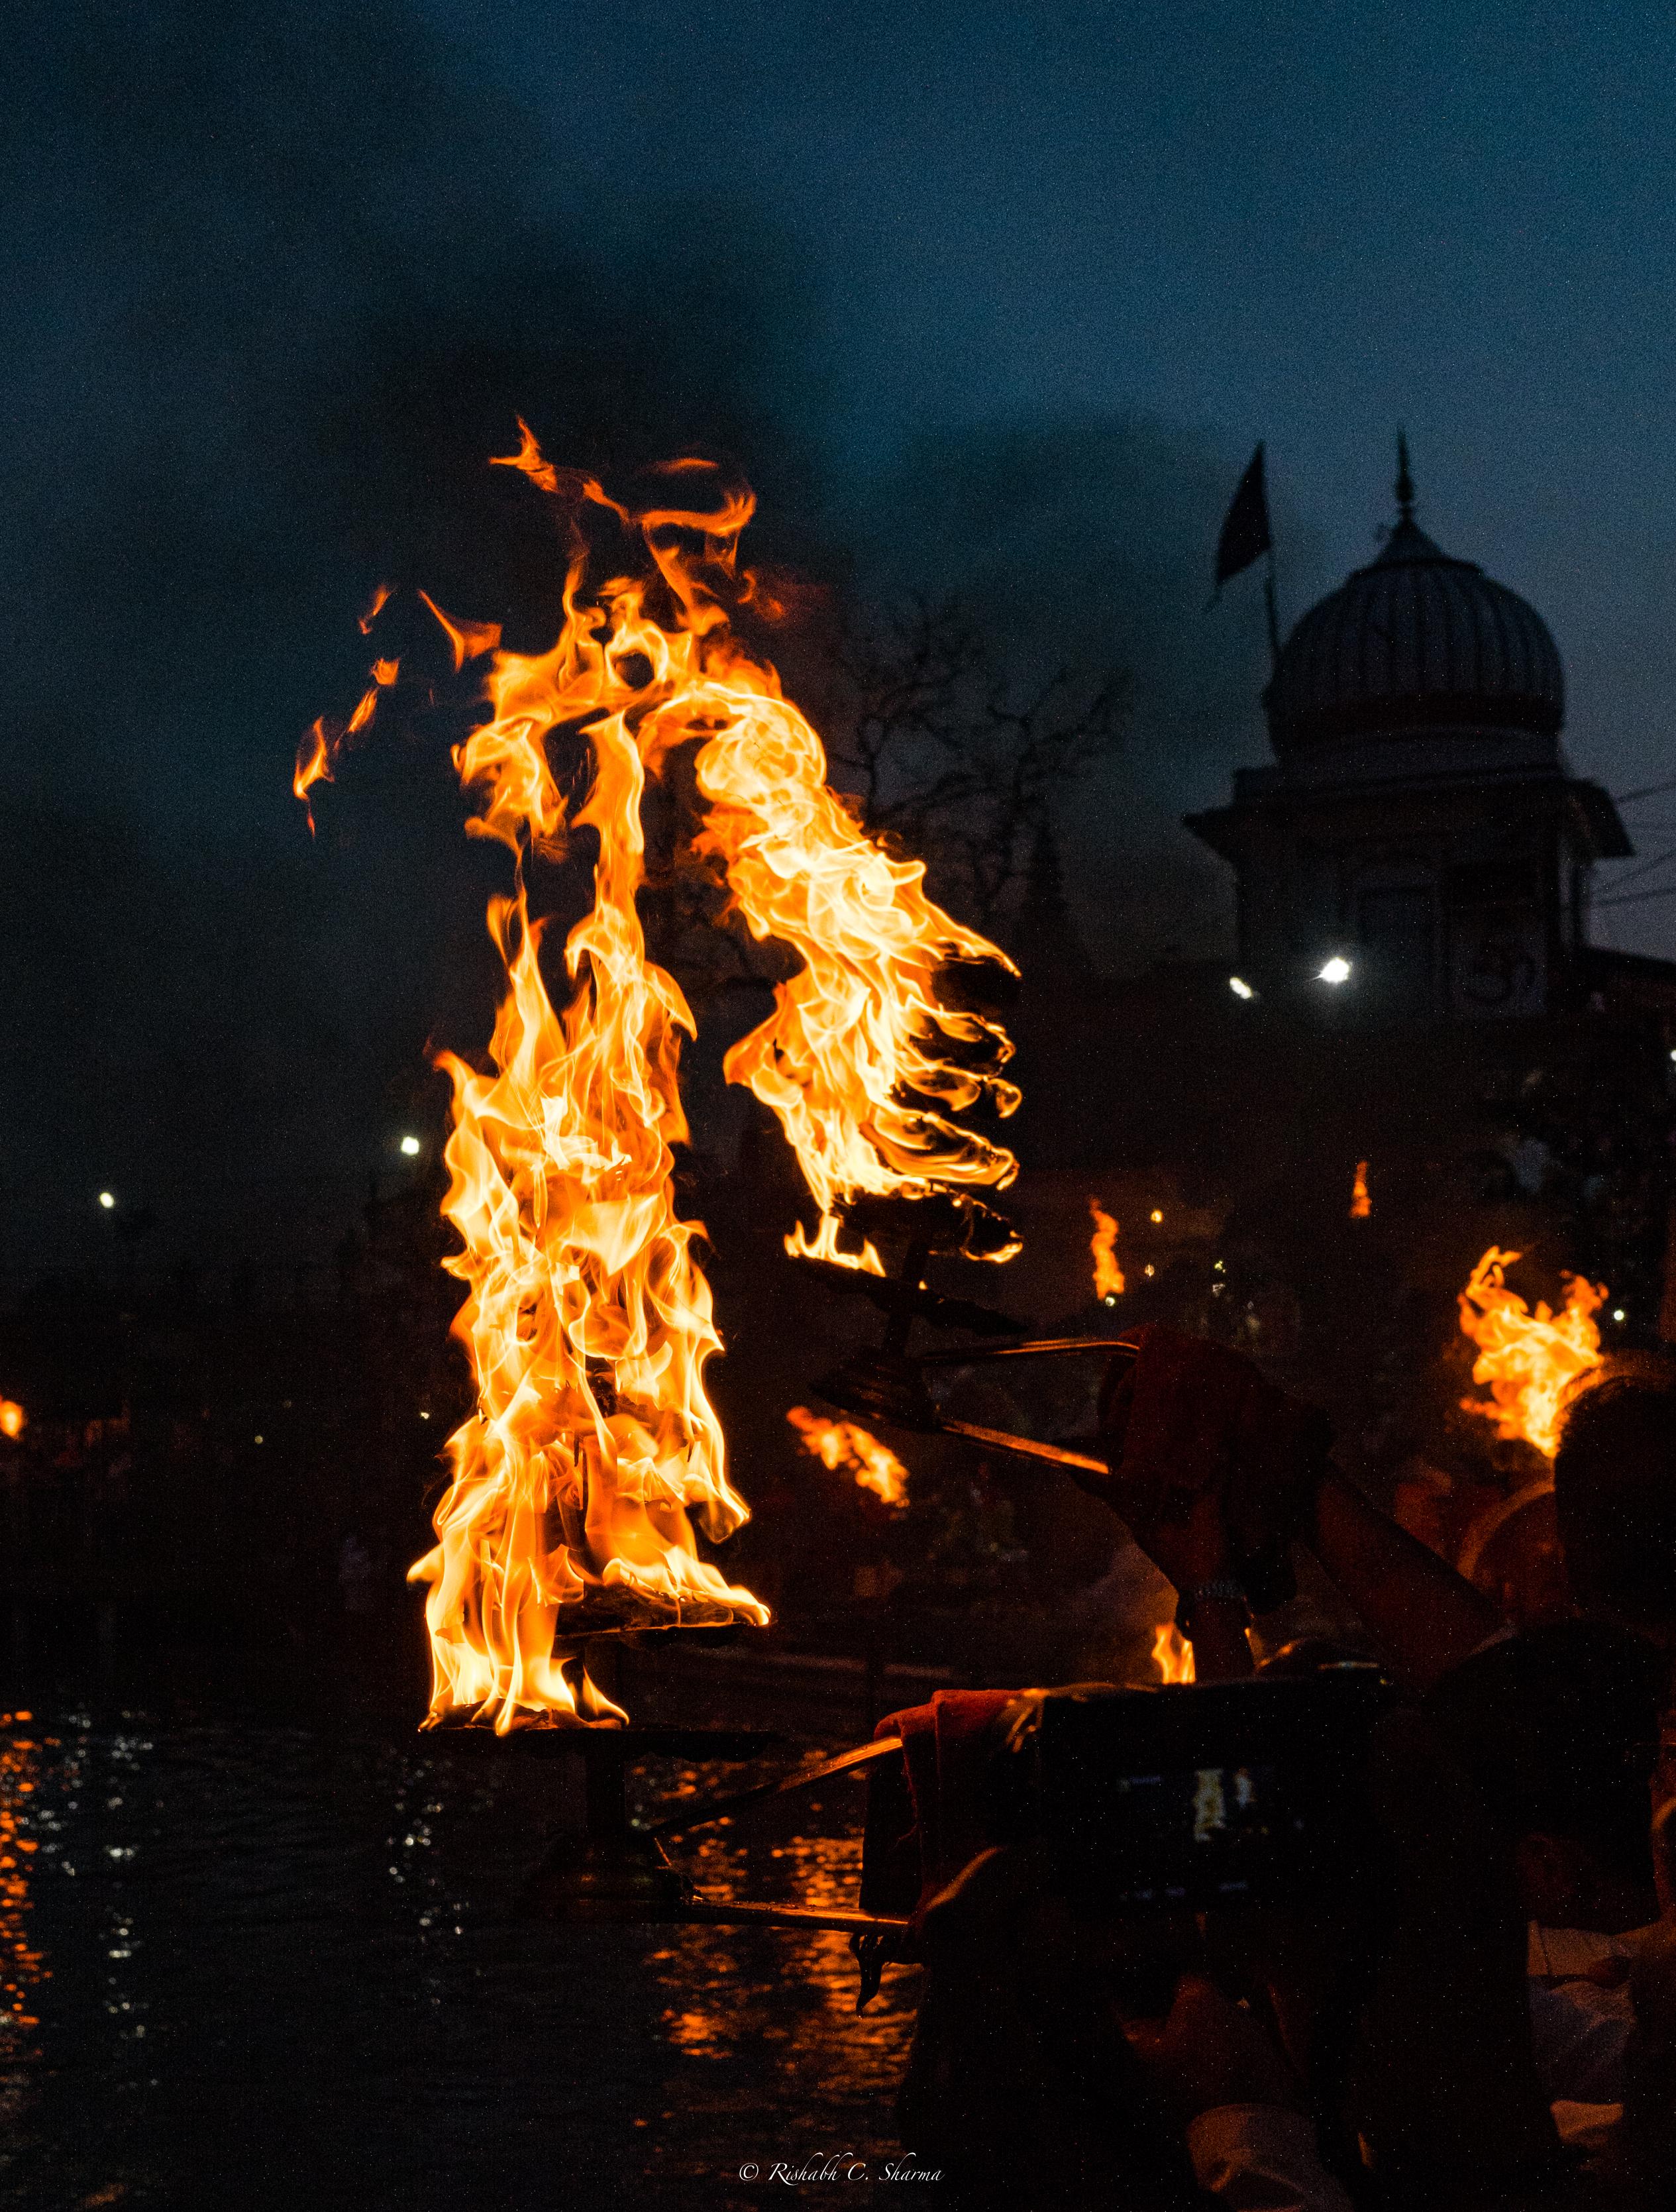 Jai Gange